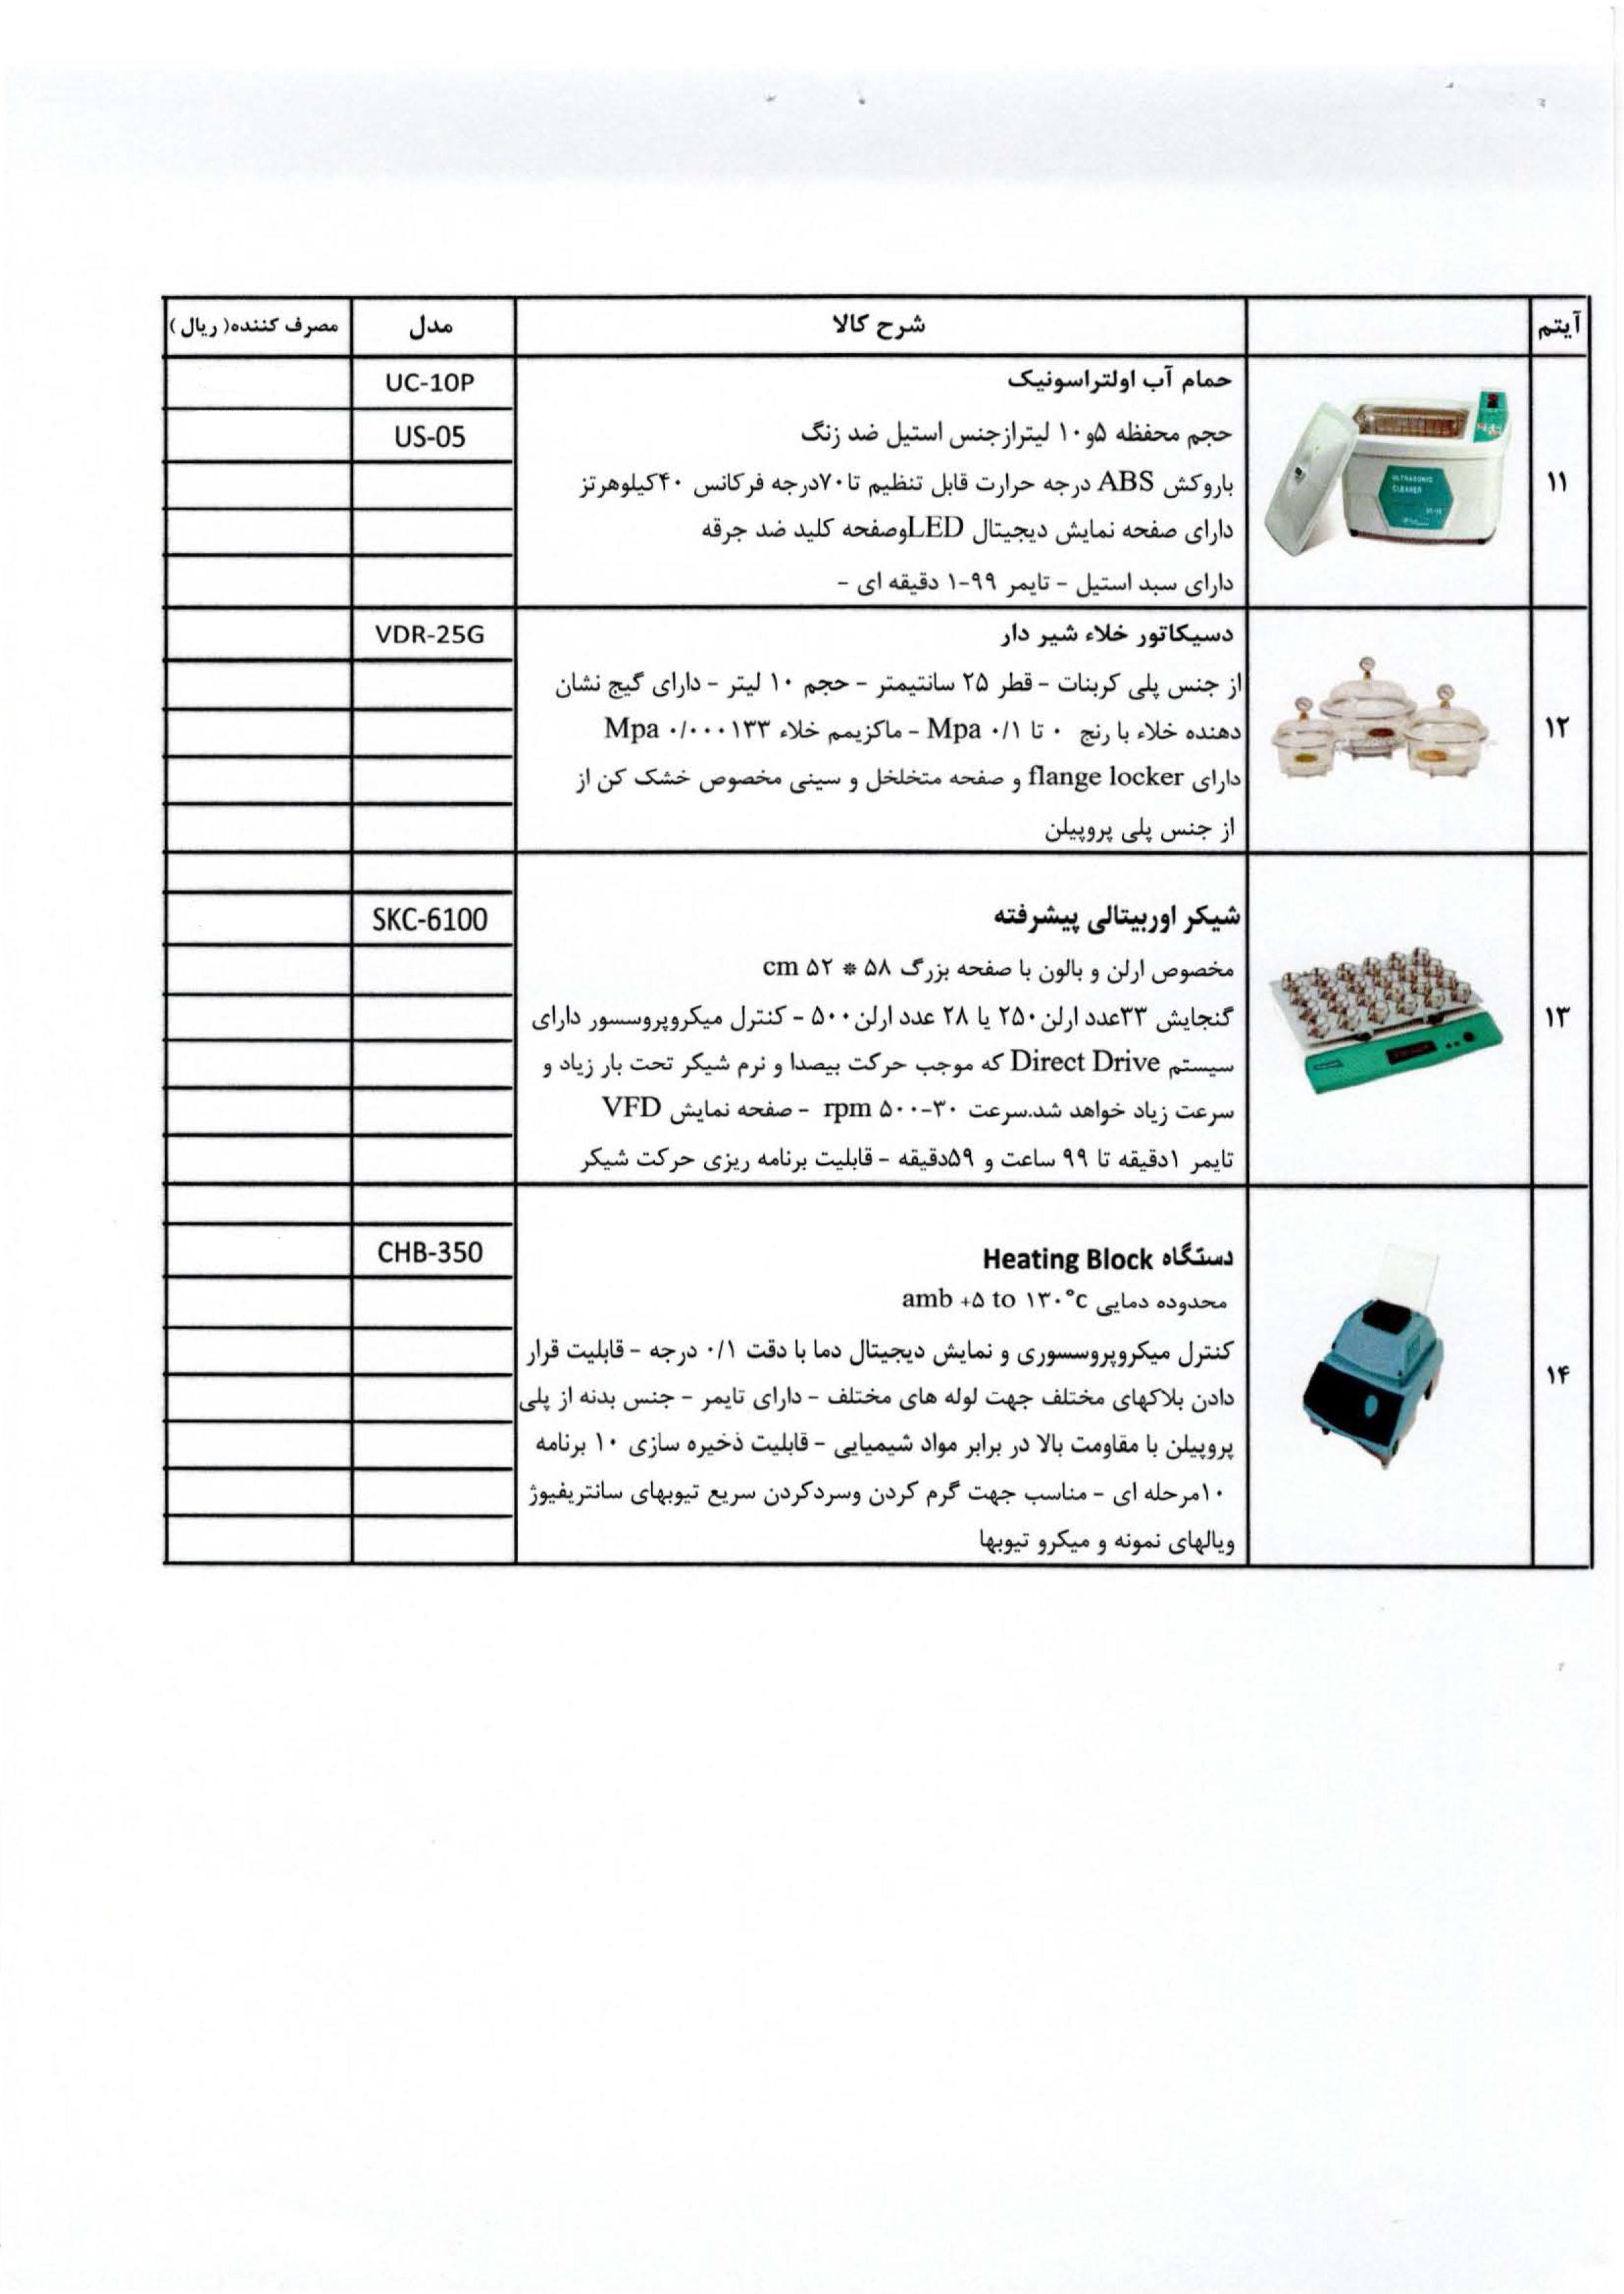 لیست تجهیزات موجود-3